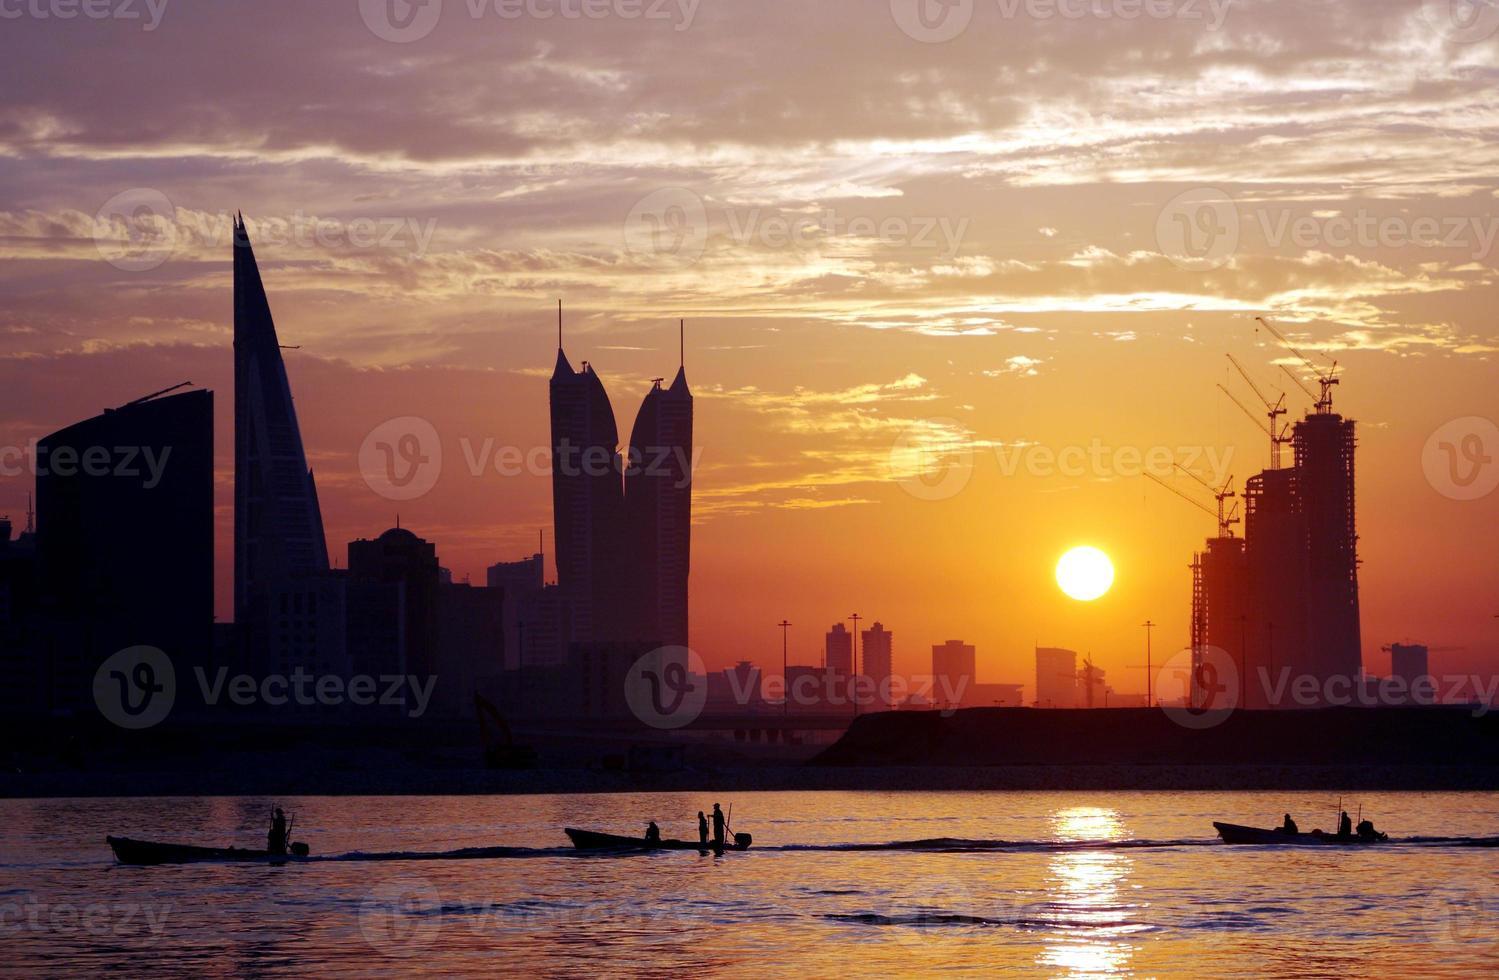 vacker utsikt över Bahrain-horisonten under solnedgången foto